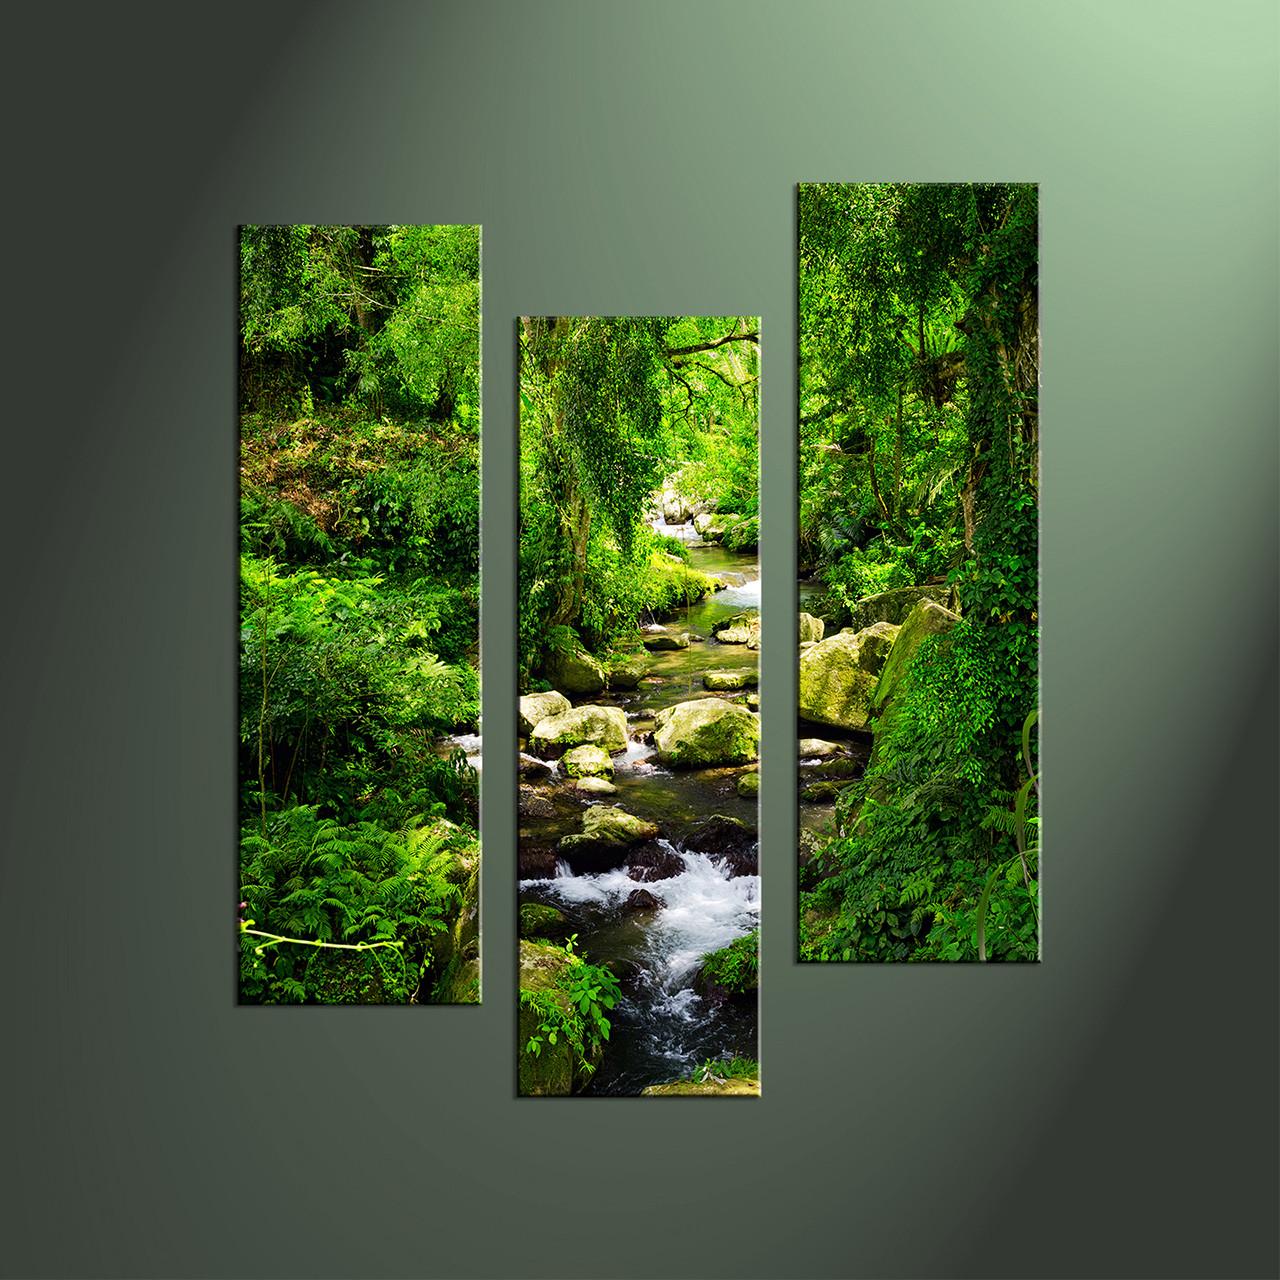 Waterfall Wall Art 3 piece canvas green ocean wall art